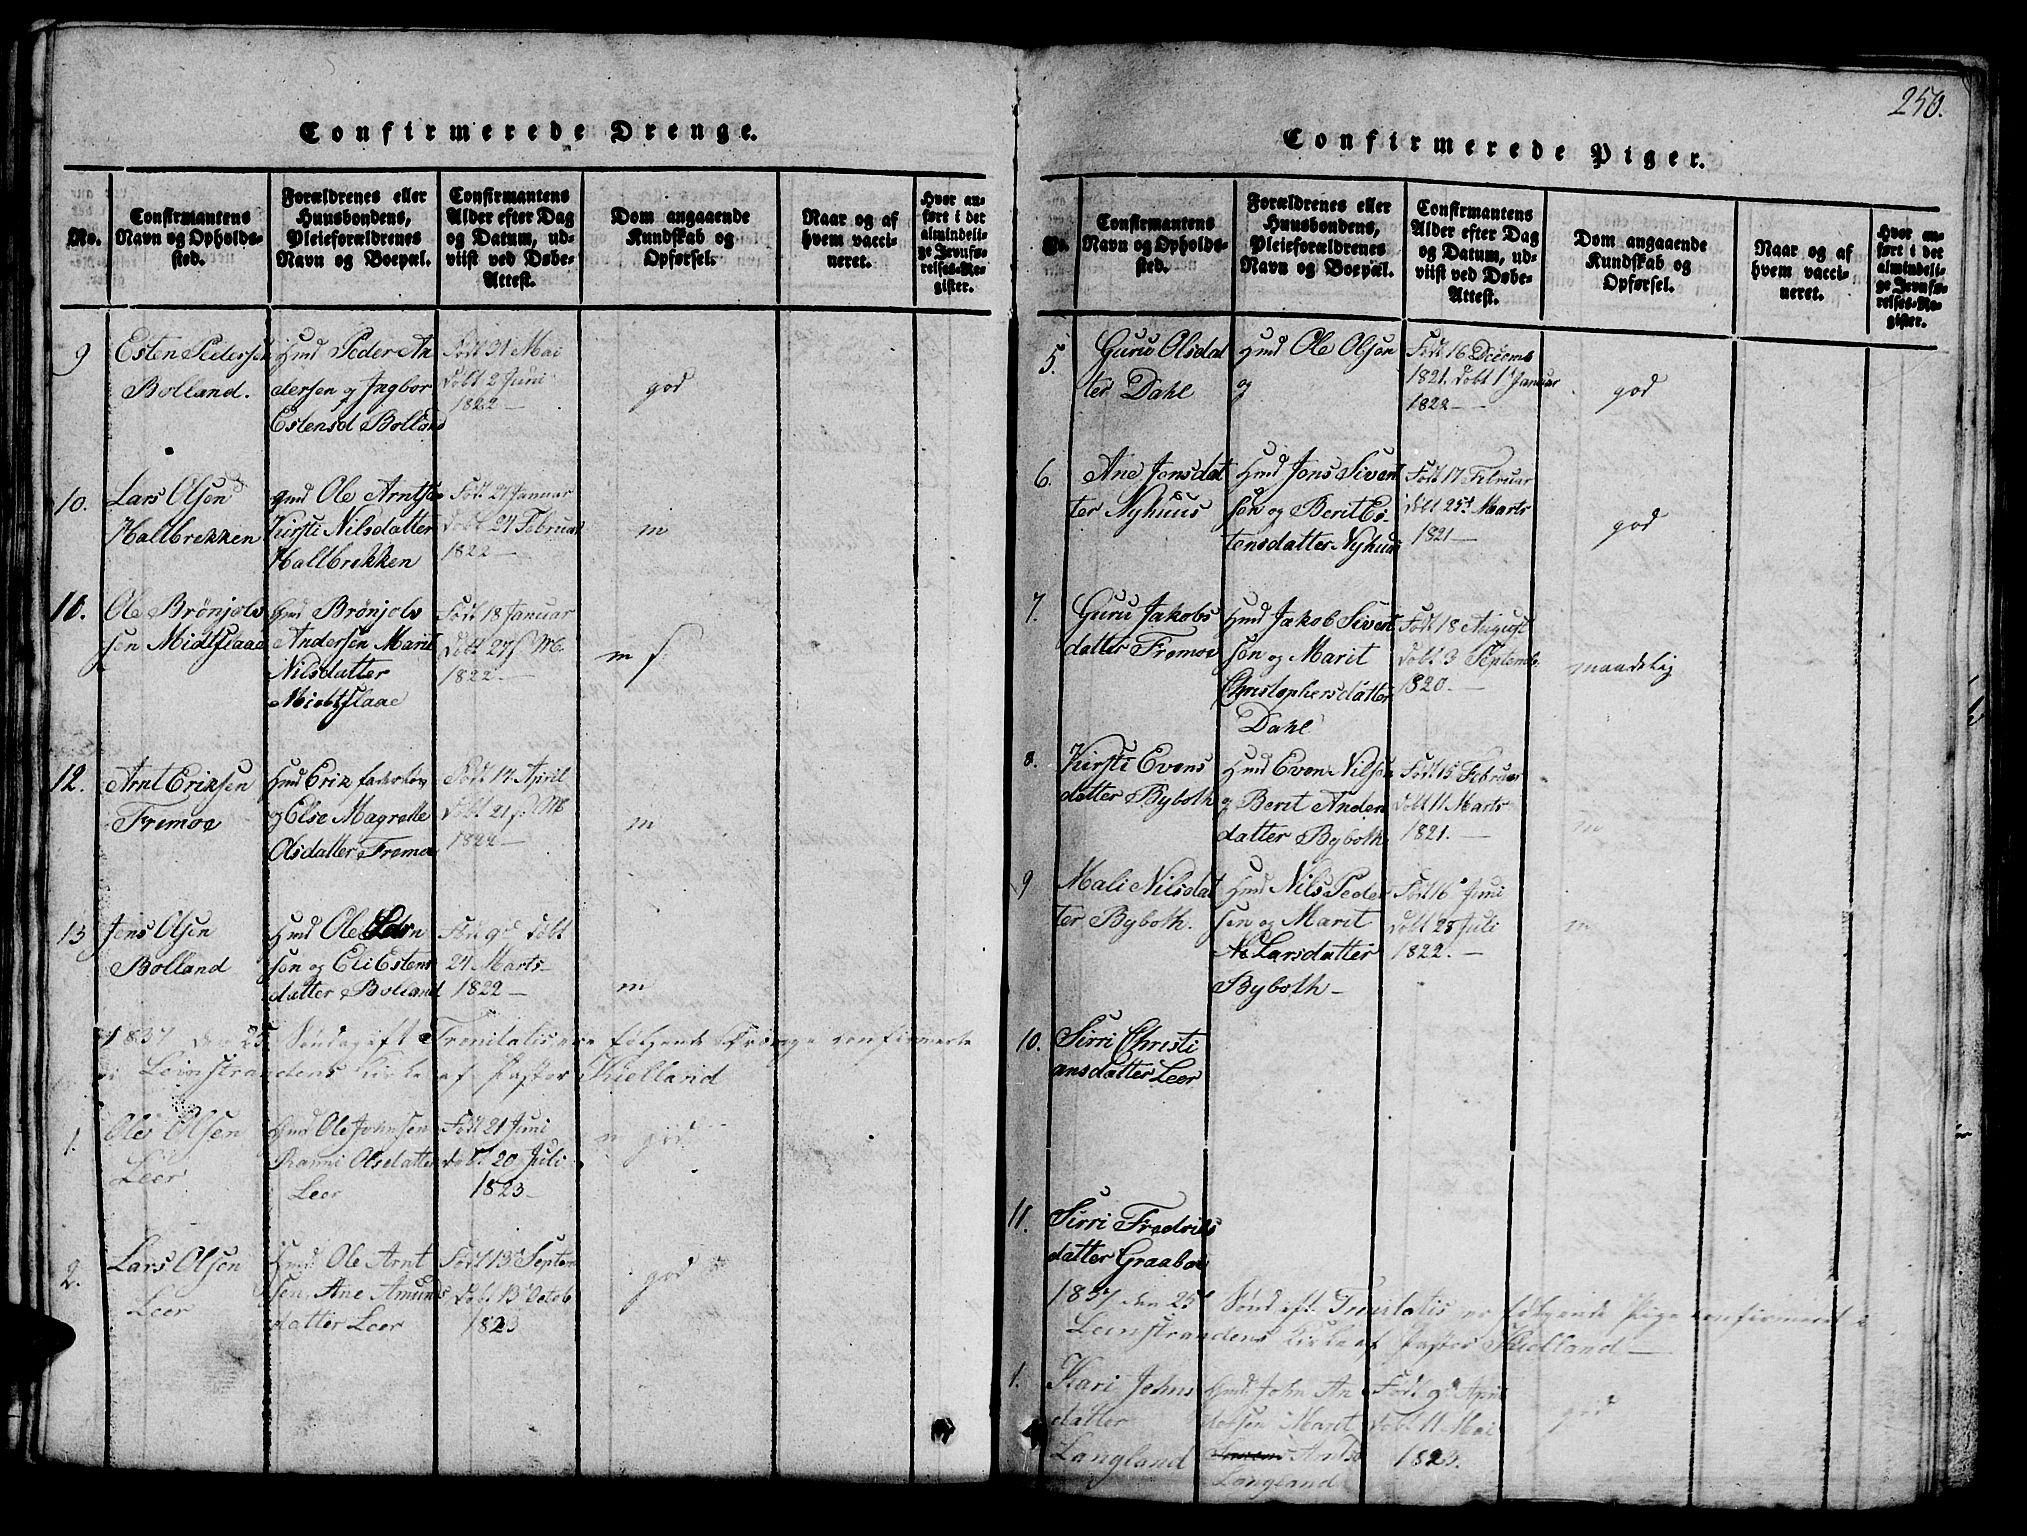 SAT, Ministerialprotokoller, klokkerbøker og fødselsregistre - Sør-Trøndelag, 693/L1121: Klokkerbok nr. 693C02, 1816-1869, s. 250